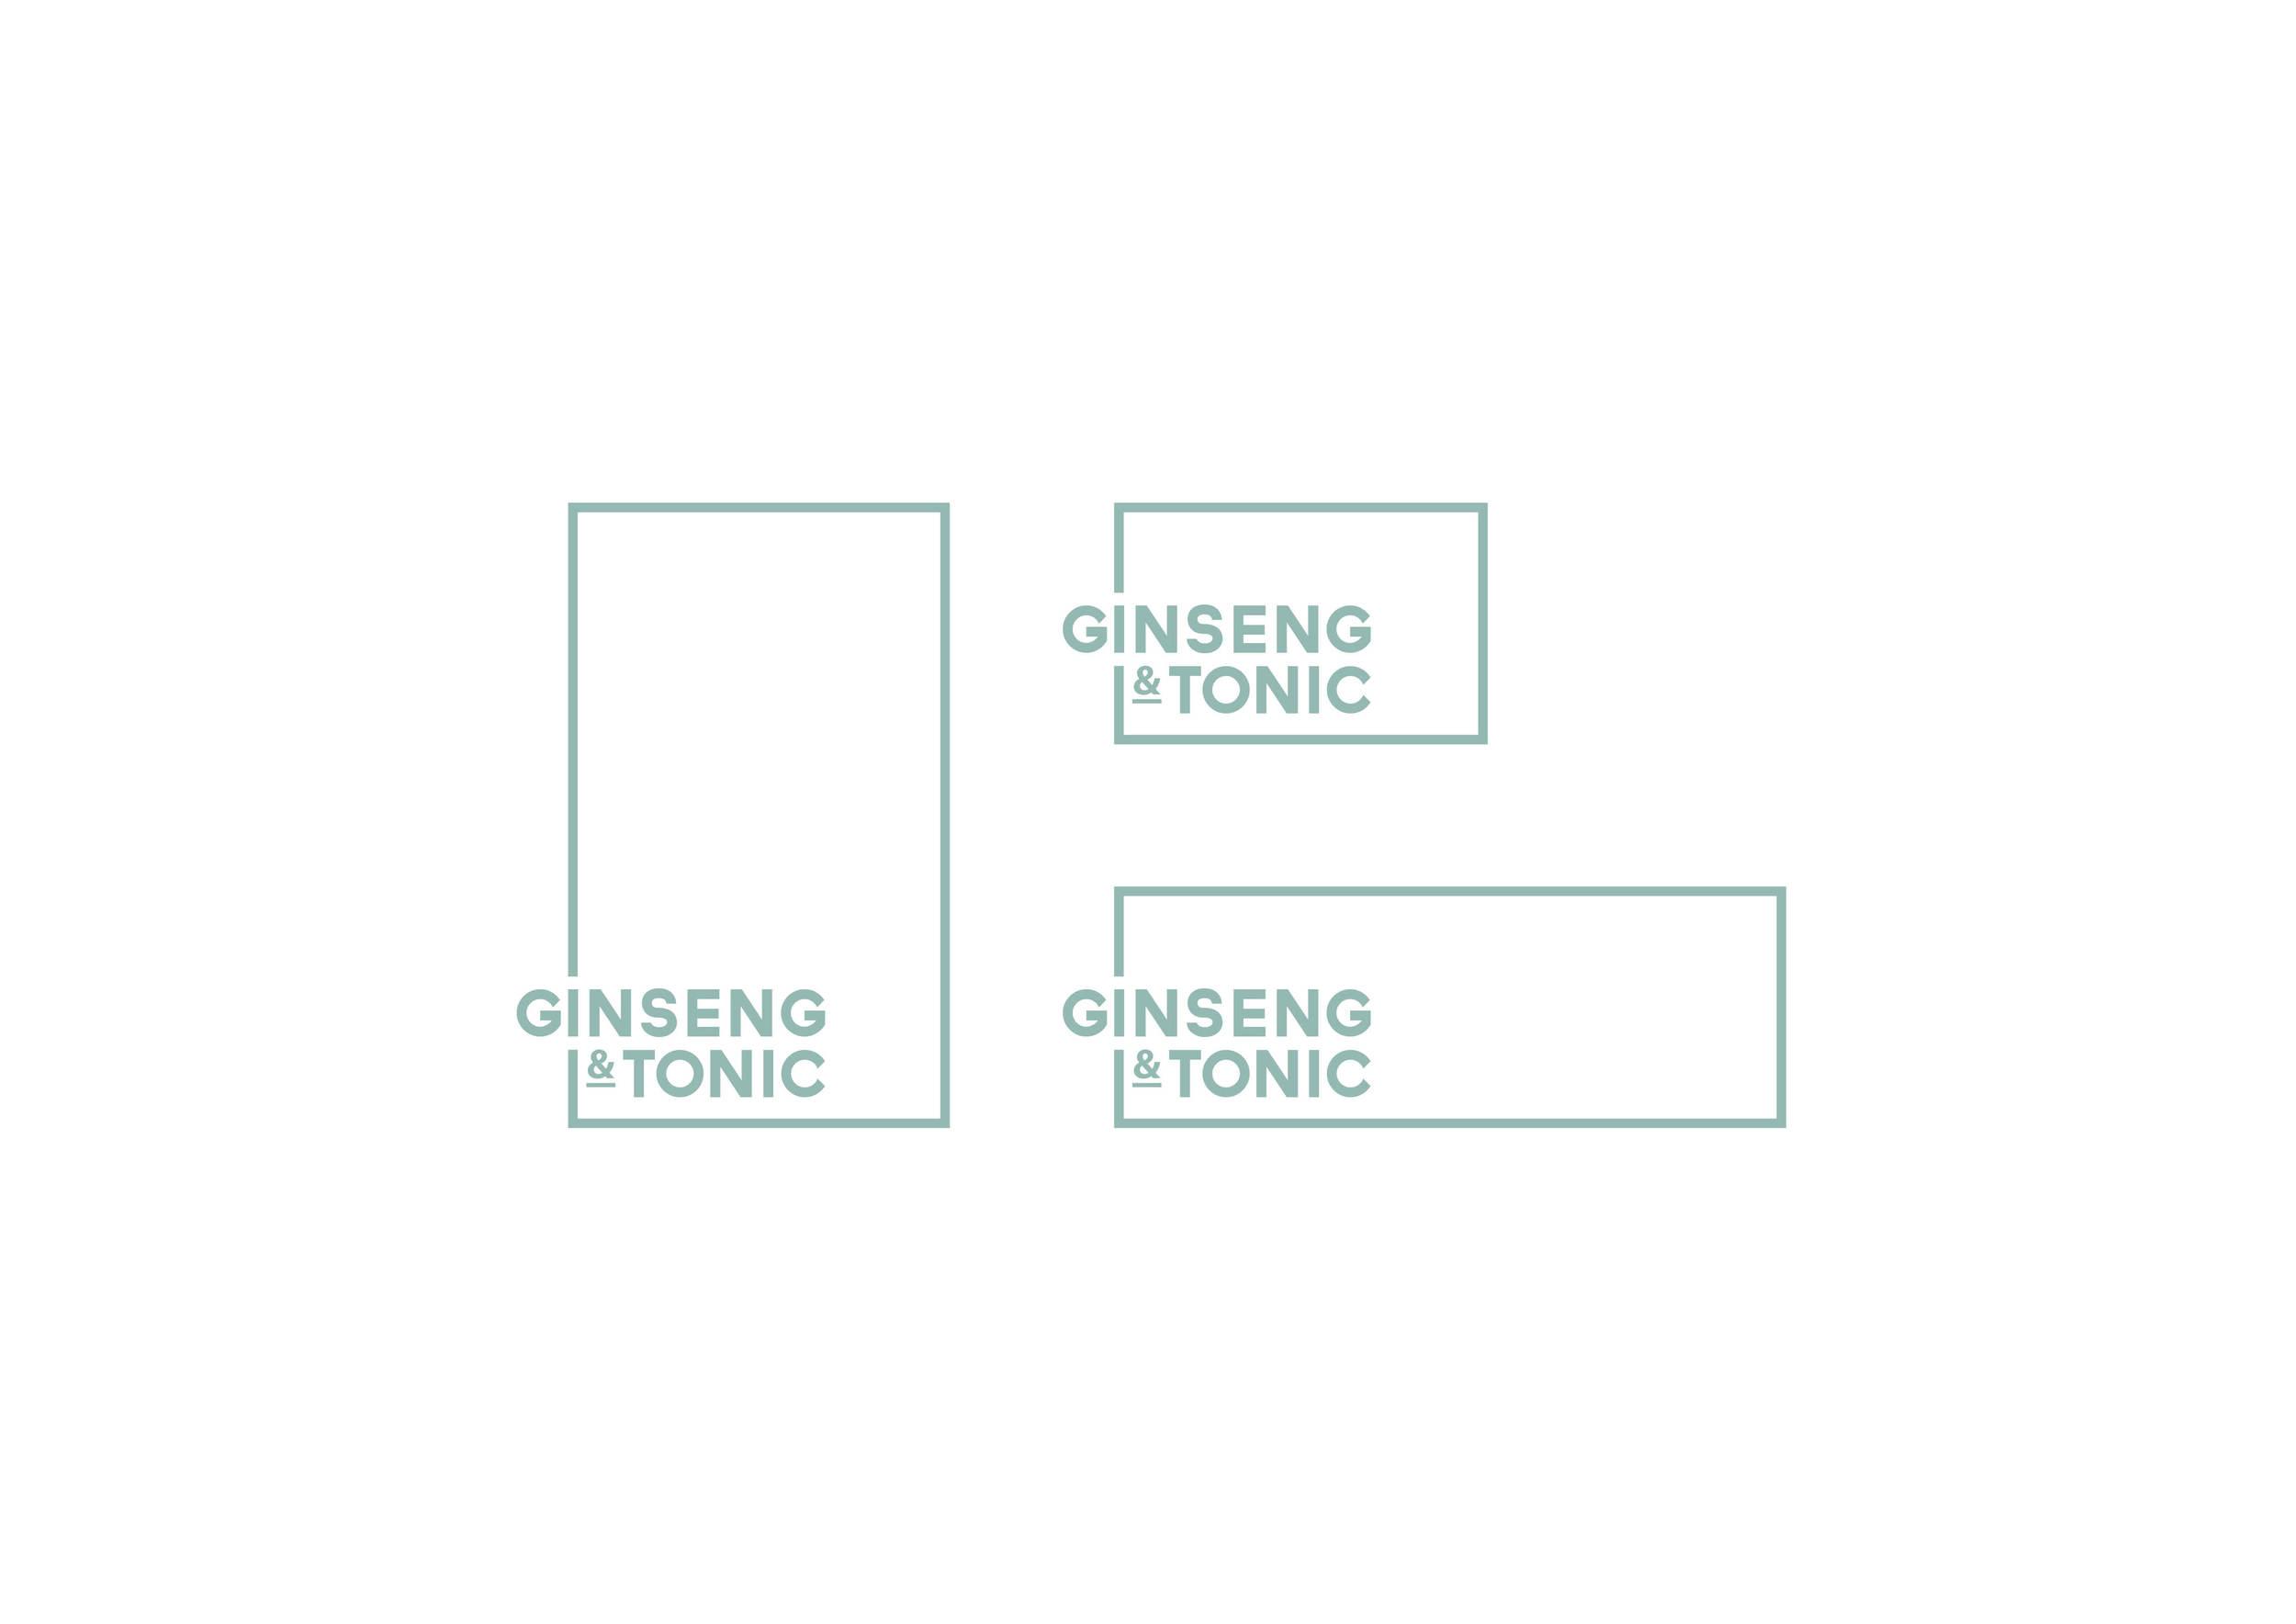 Ginseng_Tonic_01.jpg